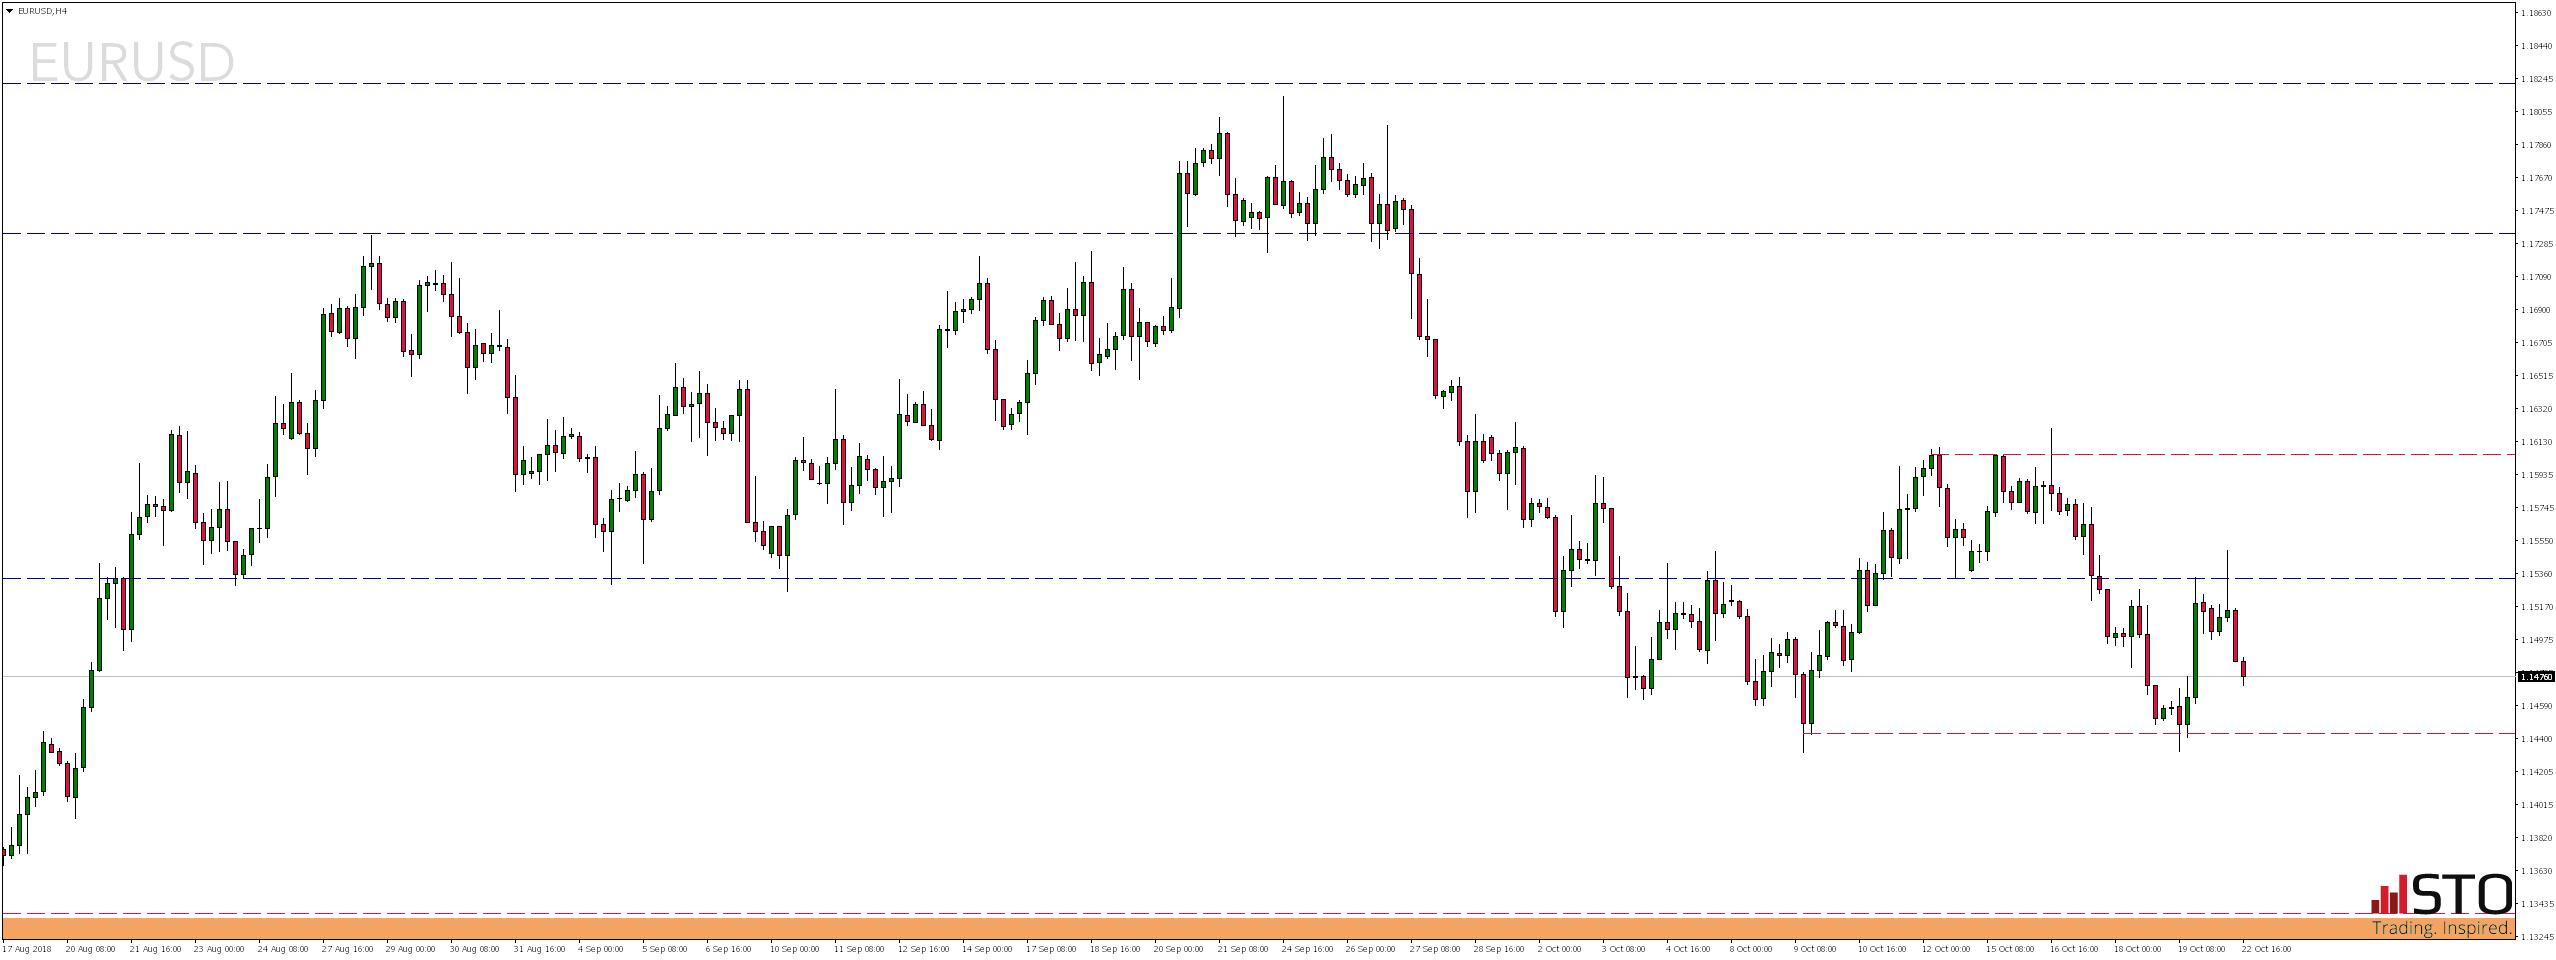 Poniedziałkowy przegląd rynków - notowania pary walutowej EURUSD